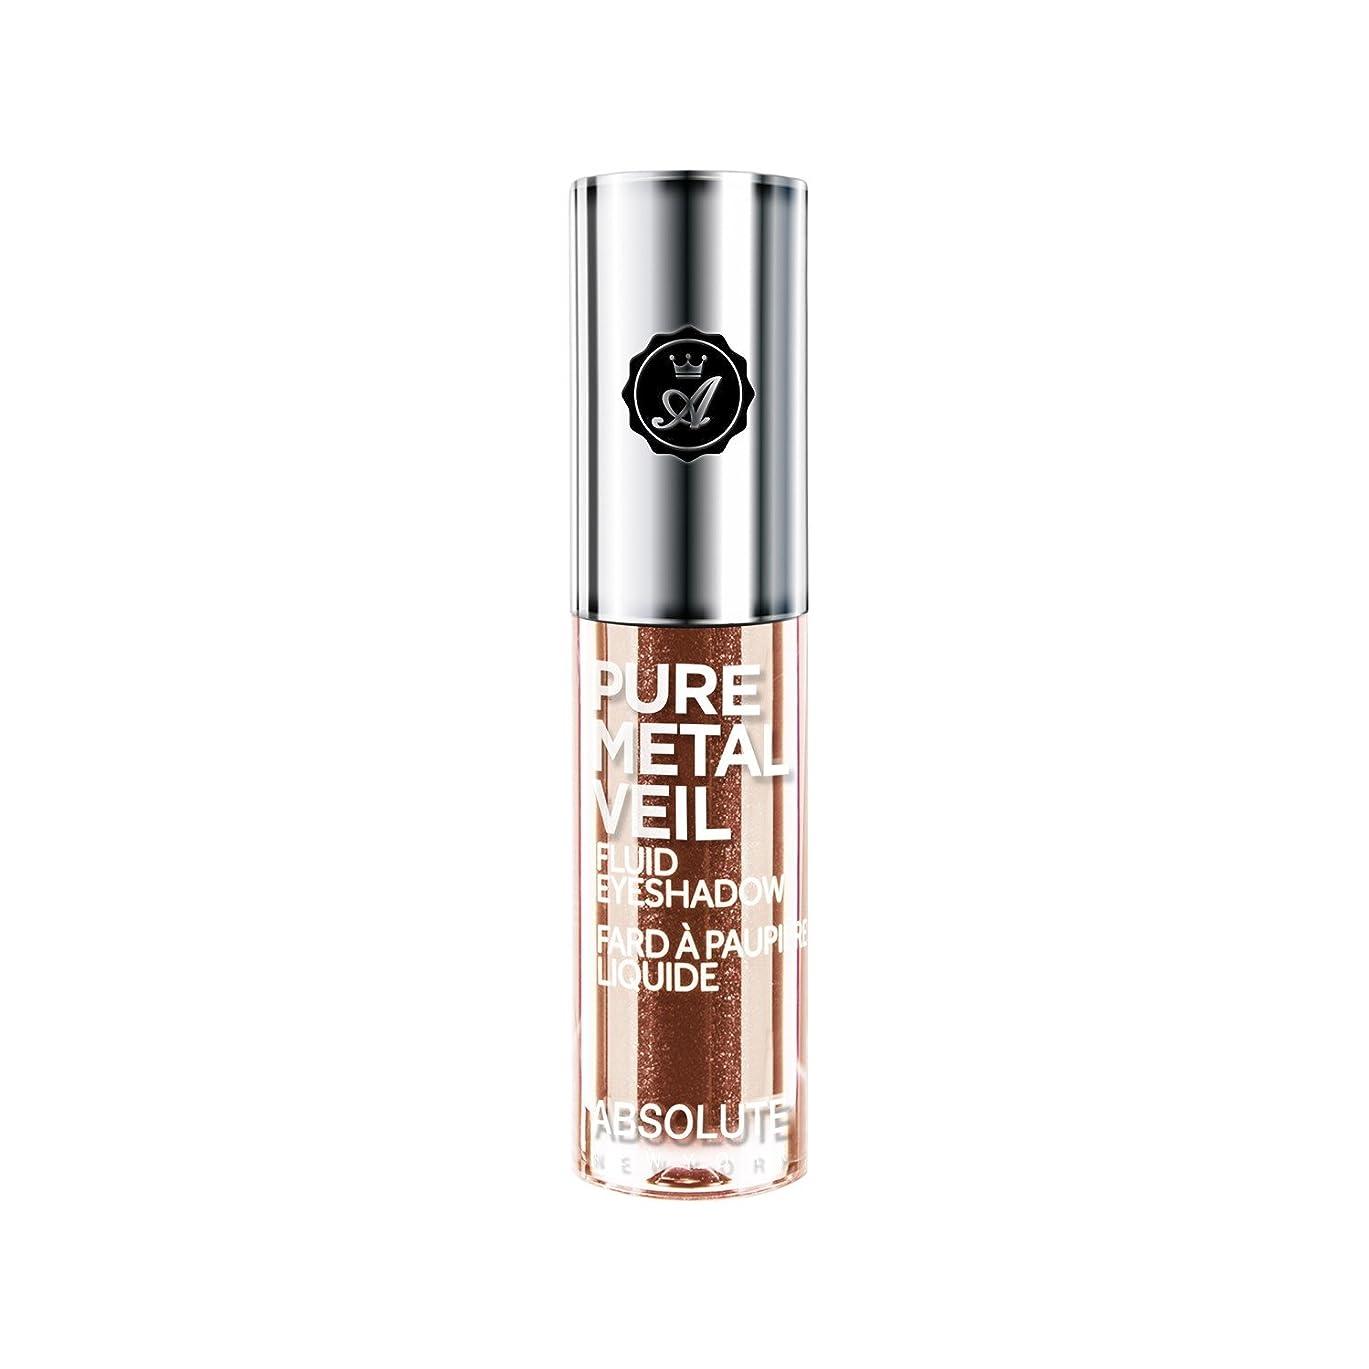 無実パッケージ確実(3 Pack) ABSOLUTE Pure Metal Veil Fluid Eyeshadow - Copper Glitz (並行輸入品)